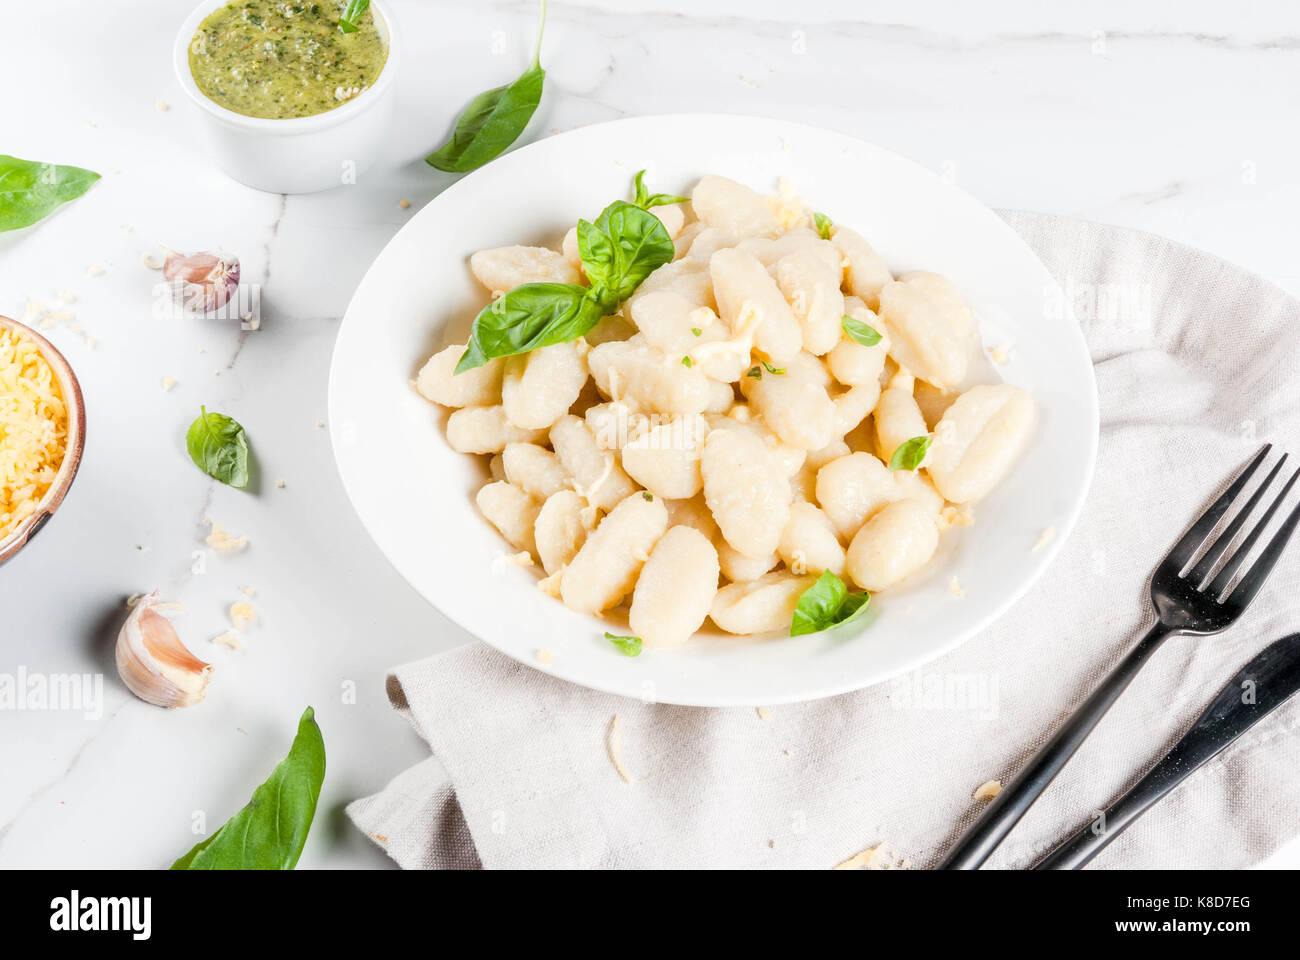 Recette de cuisine italienne, dîner végétalien sain avec gnocchi de pommes de terre. de parmesan Photo Stock